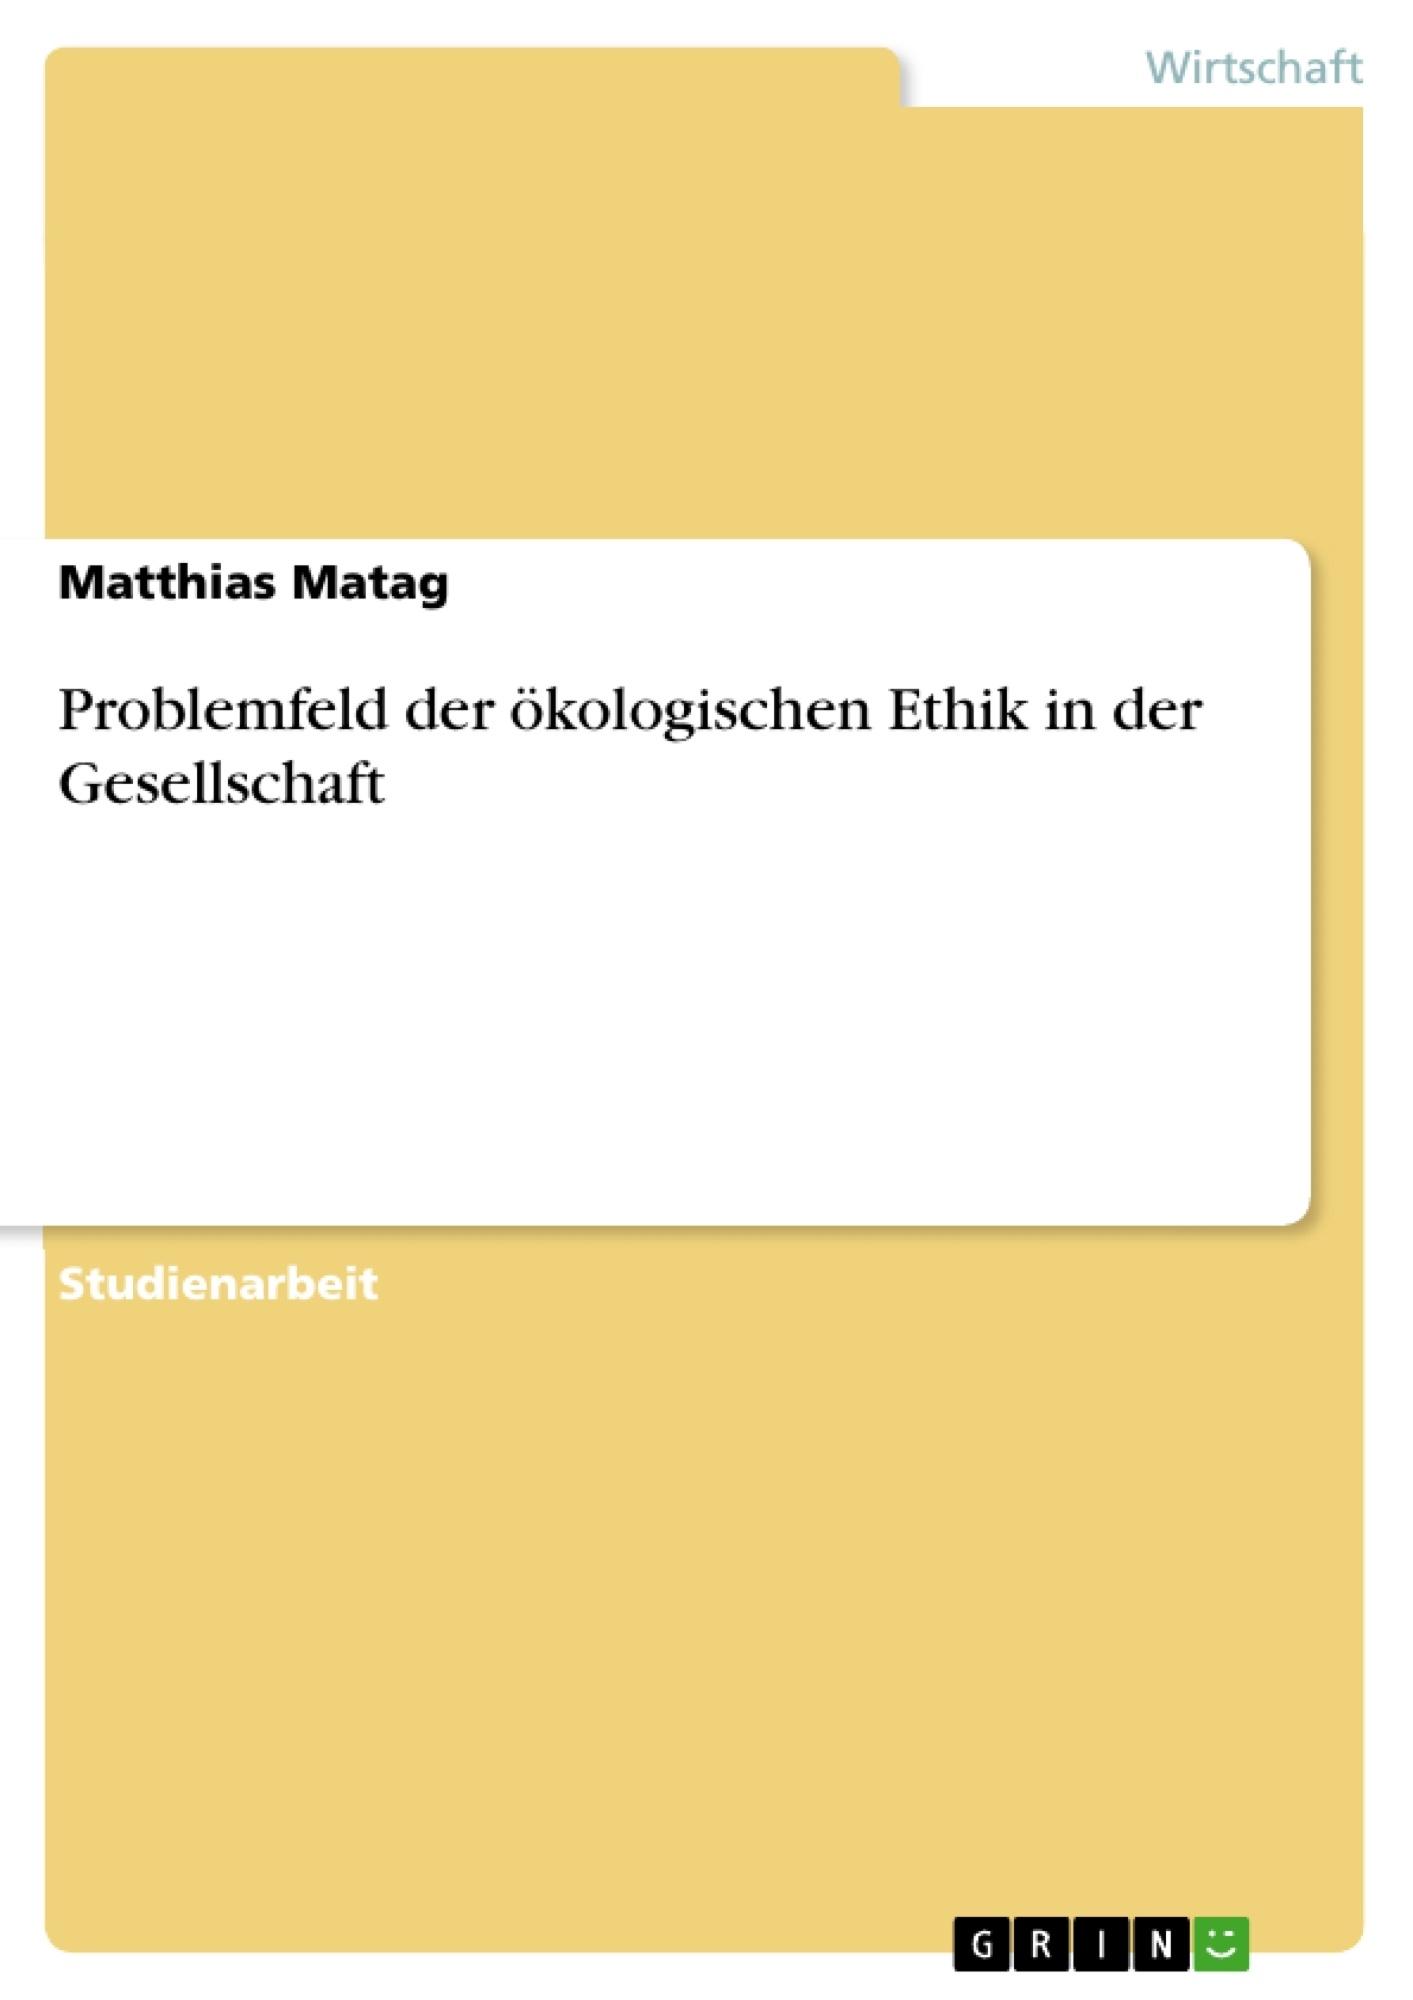 Titel: Problemfeld der ökologischen Ethik in der Gesellschaft